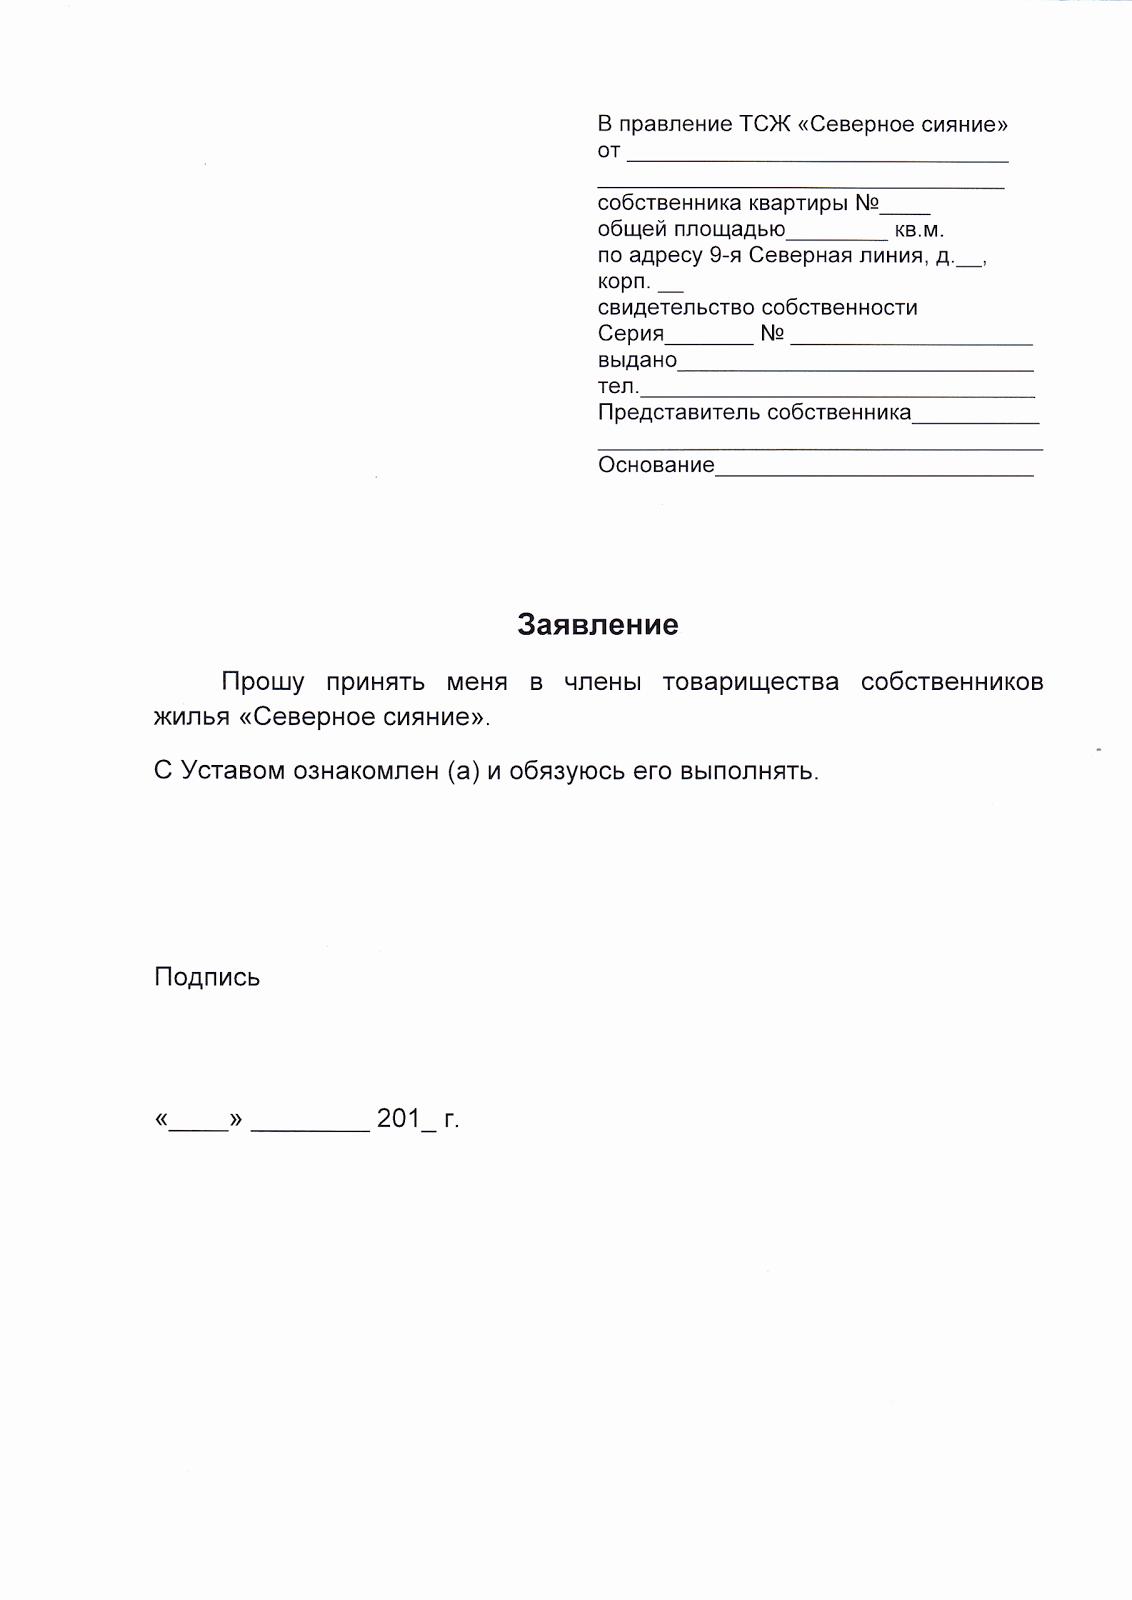 Образец заявления на замену водительского удостоверения 2016 образец - d